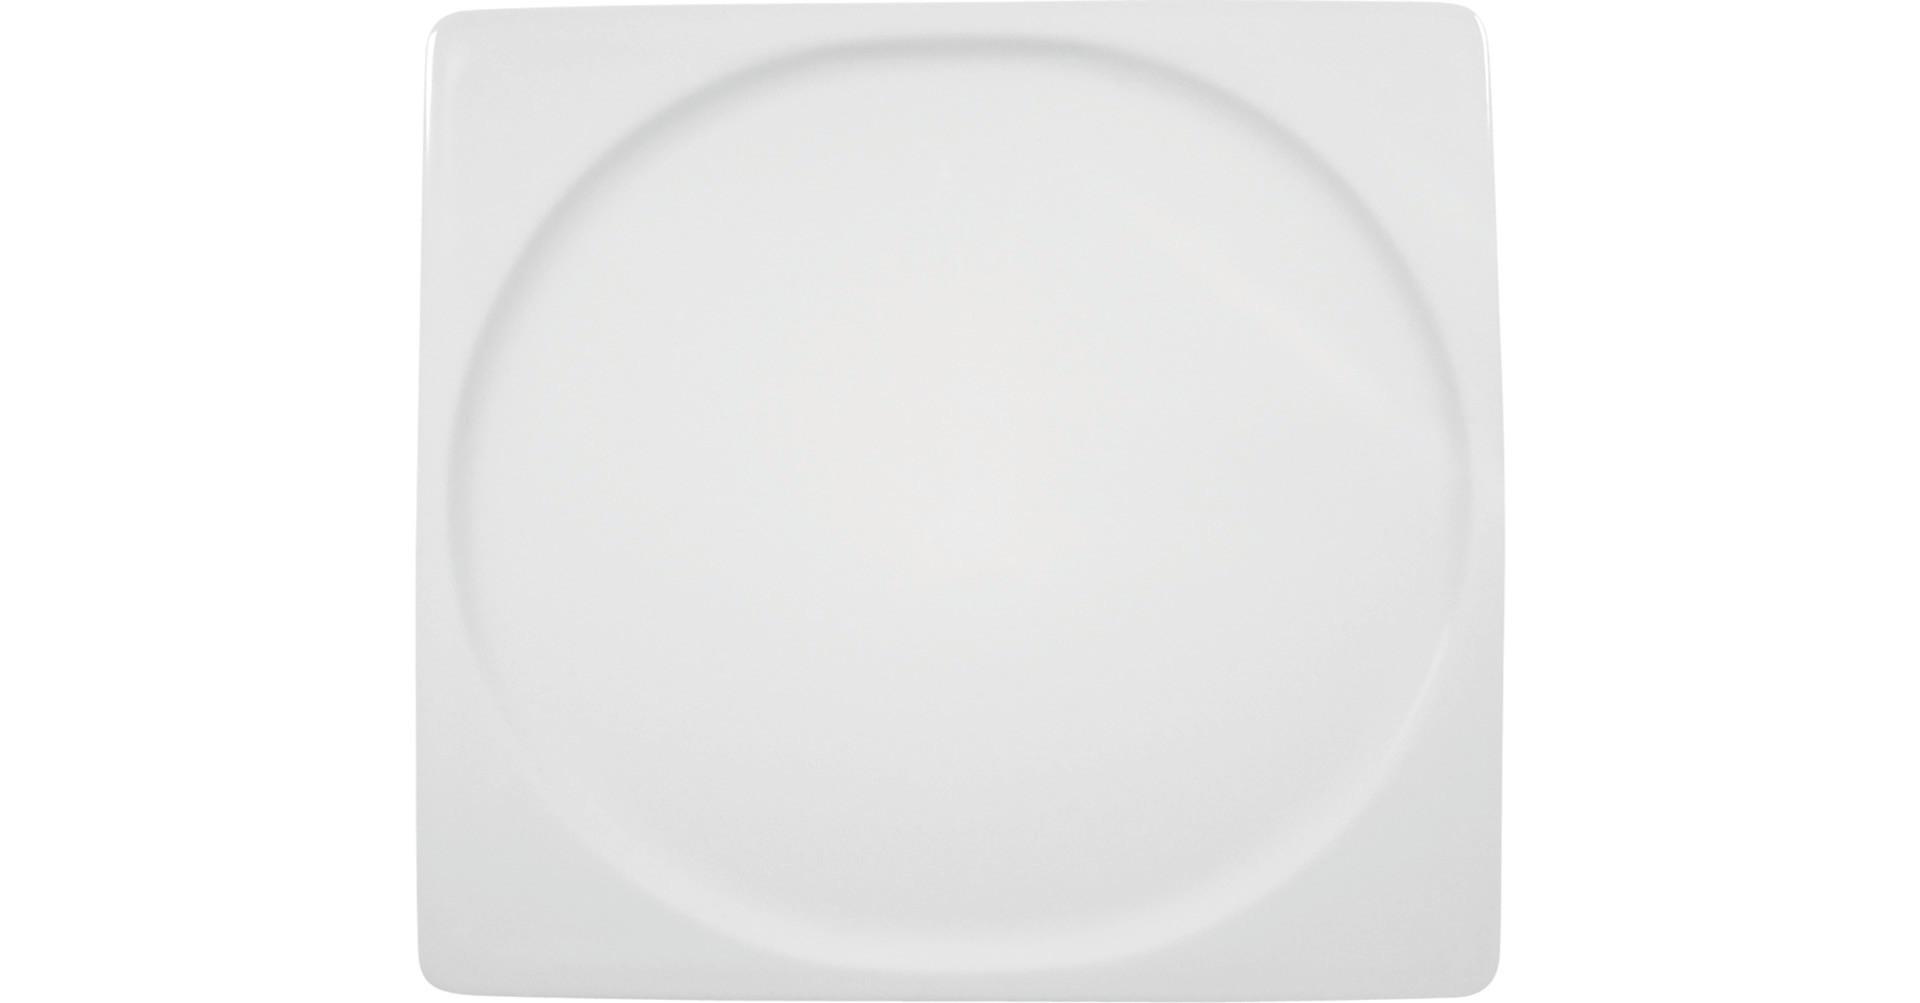 Buffet Gourmet, GN-Platte GN 2/3 354 x 325 mm